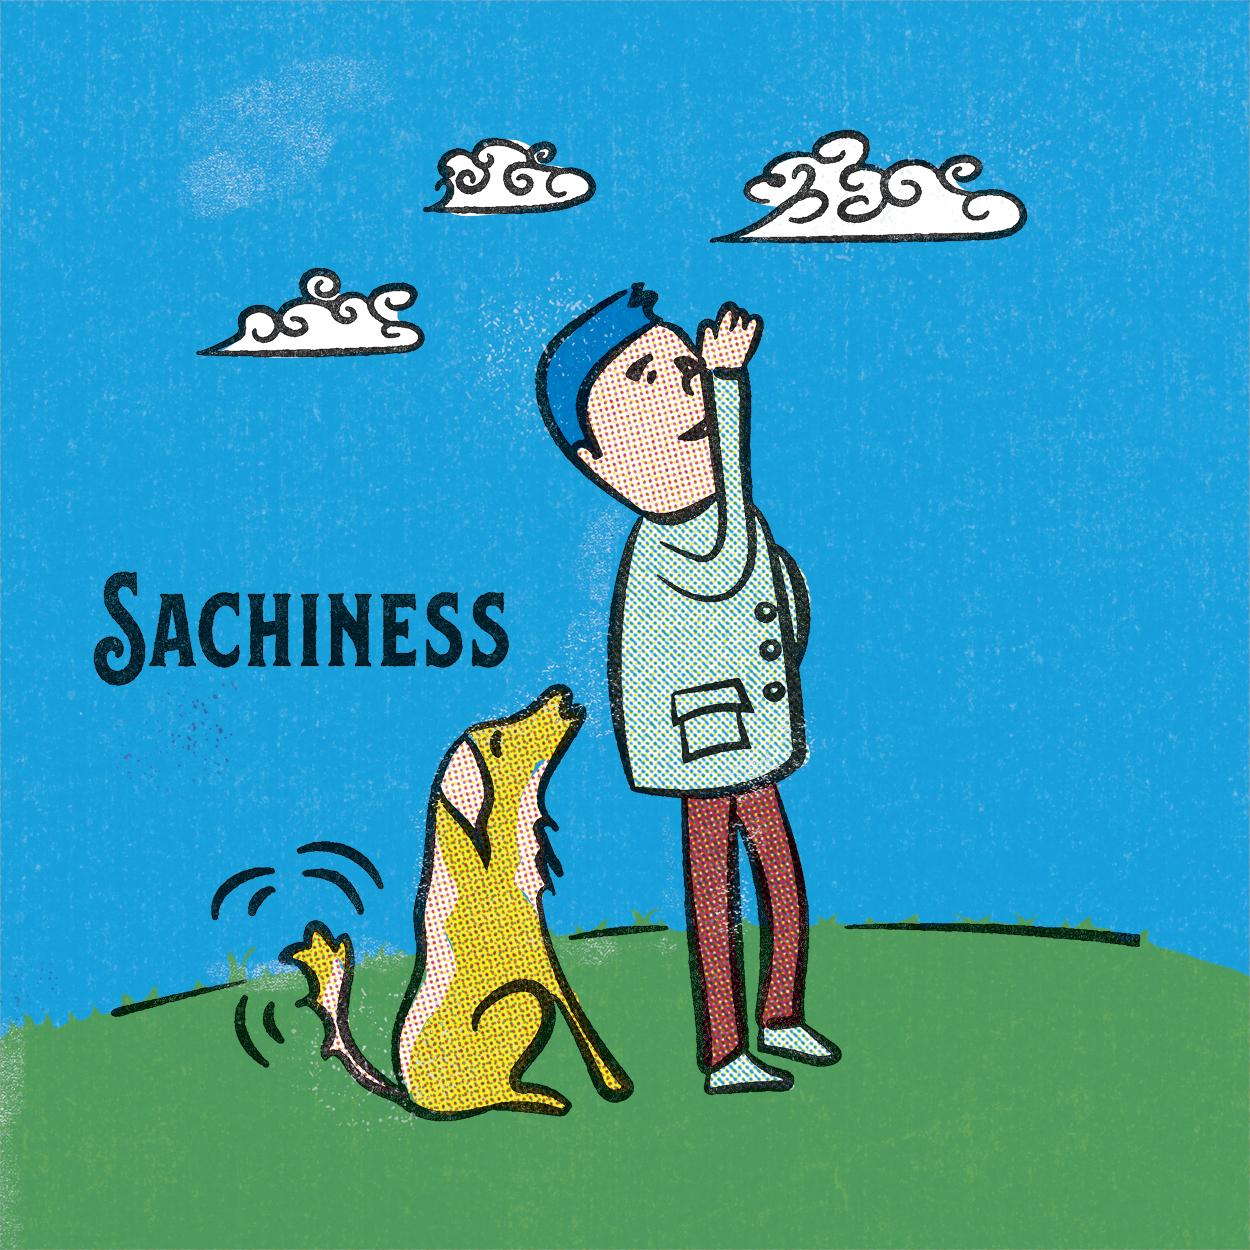 Sachiness